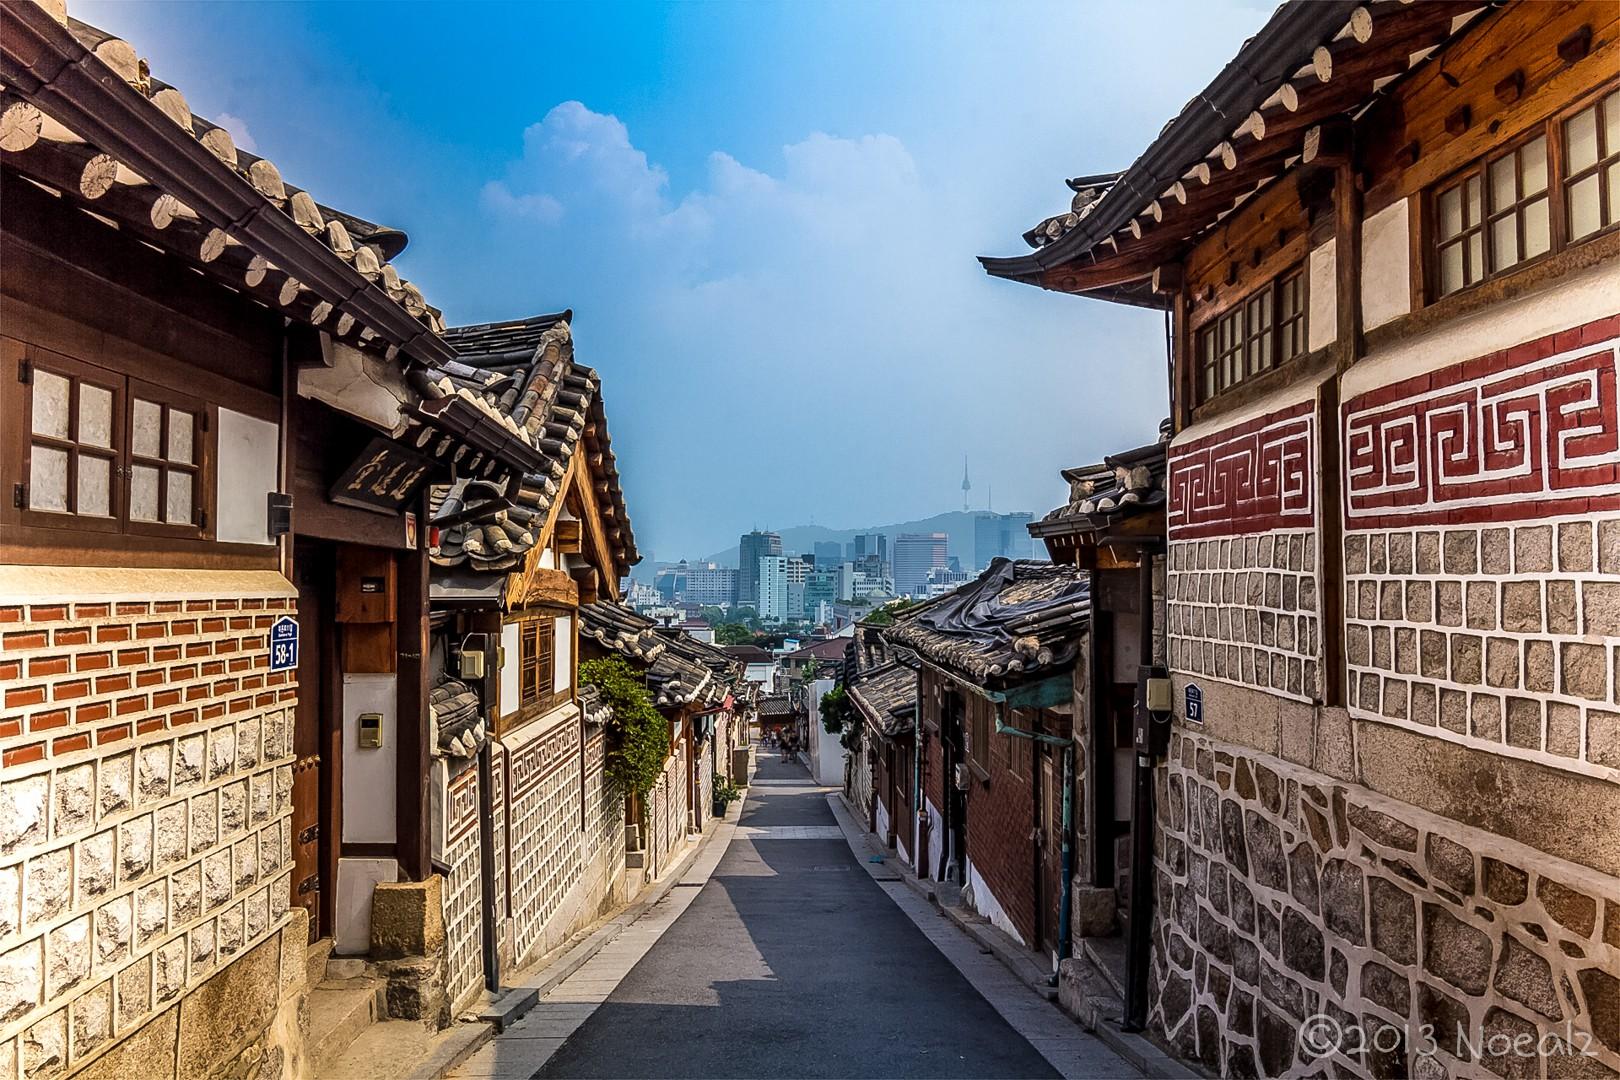 7 khu phố cổ phải ghé một lần trong đời ở châu Á, số 5 ngay ở Việt Nam - Ảnh 4.